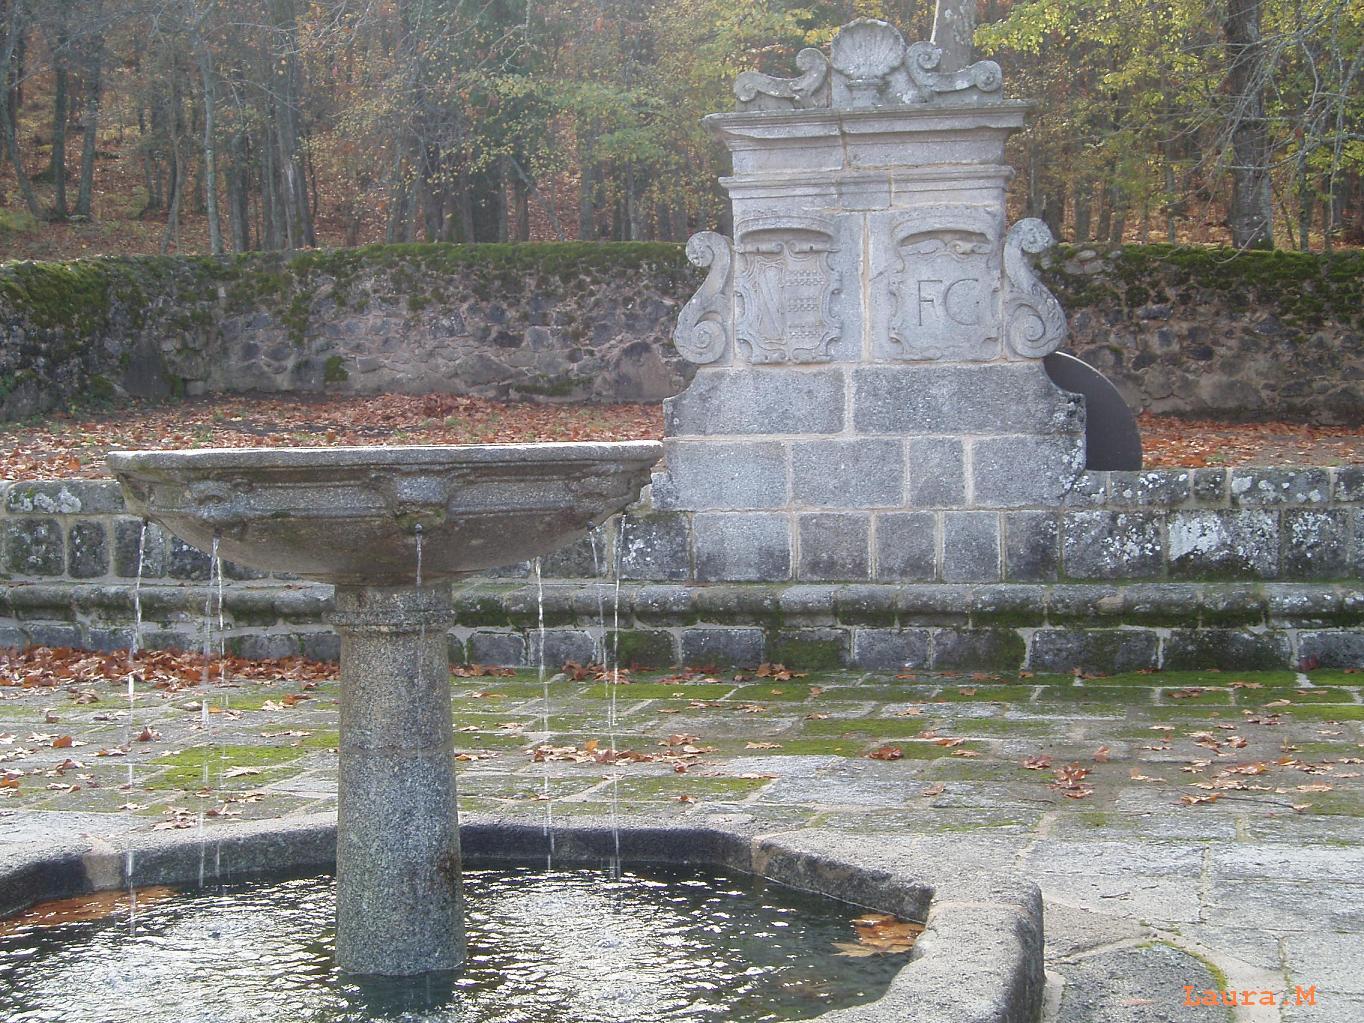 El bosque b jar jardin renacentista mendozada 2009 for Carson bosque y jardin